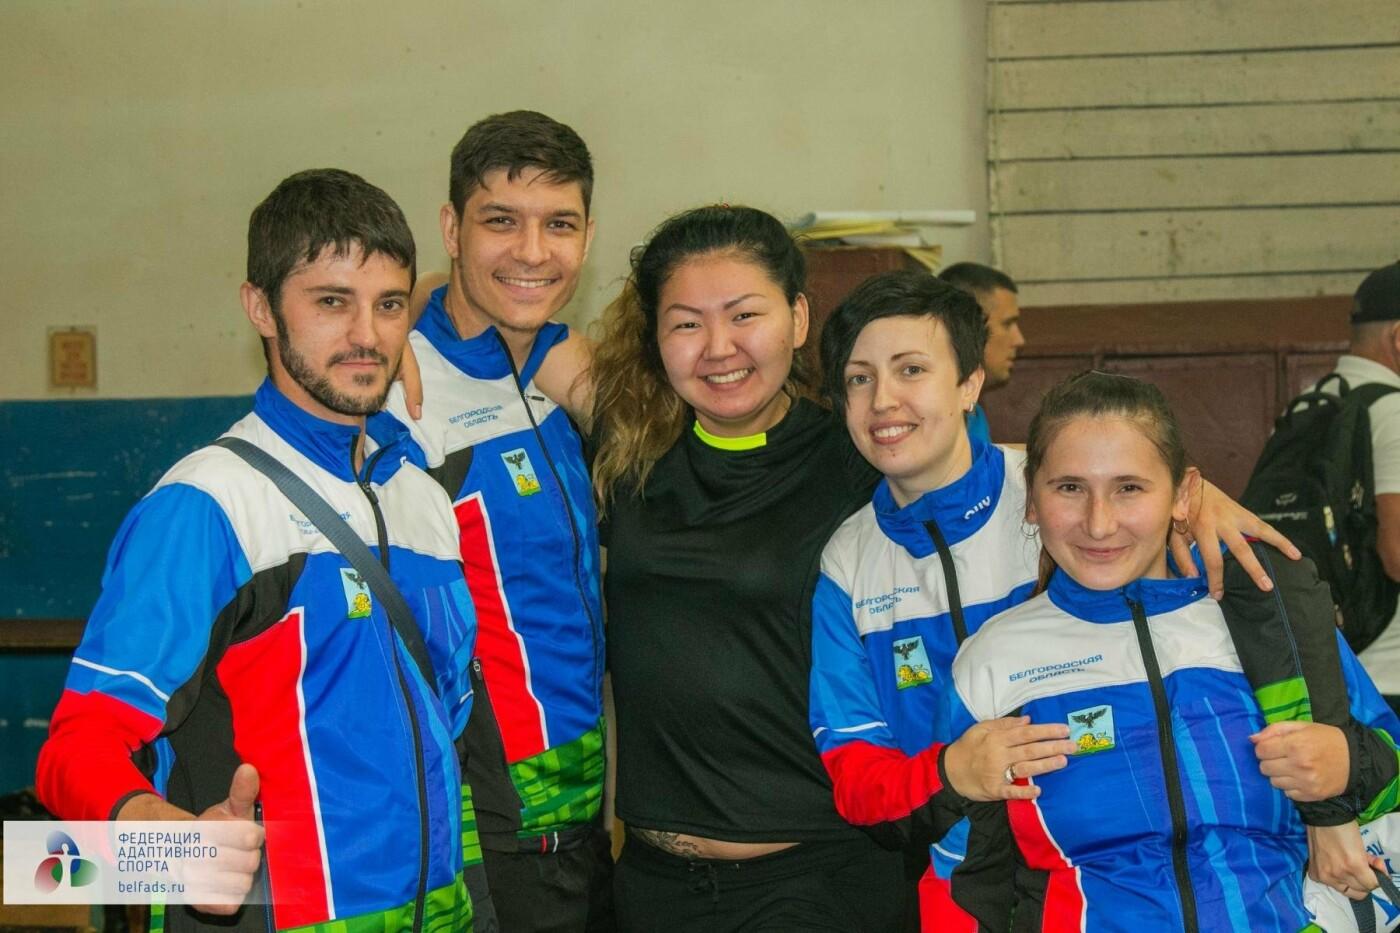 В Белгороде прошёл открытый личный Чемпионат по пулевой стрельбе среди лиц с нарушением слуха, фото-4